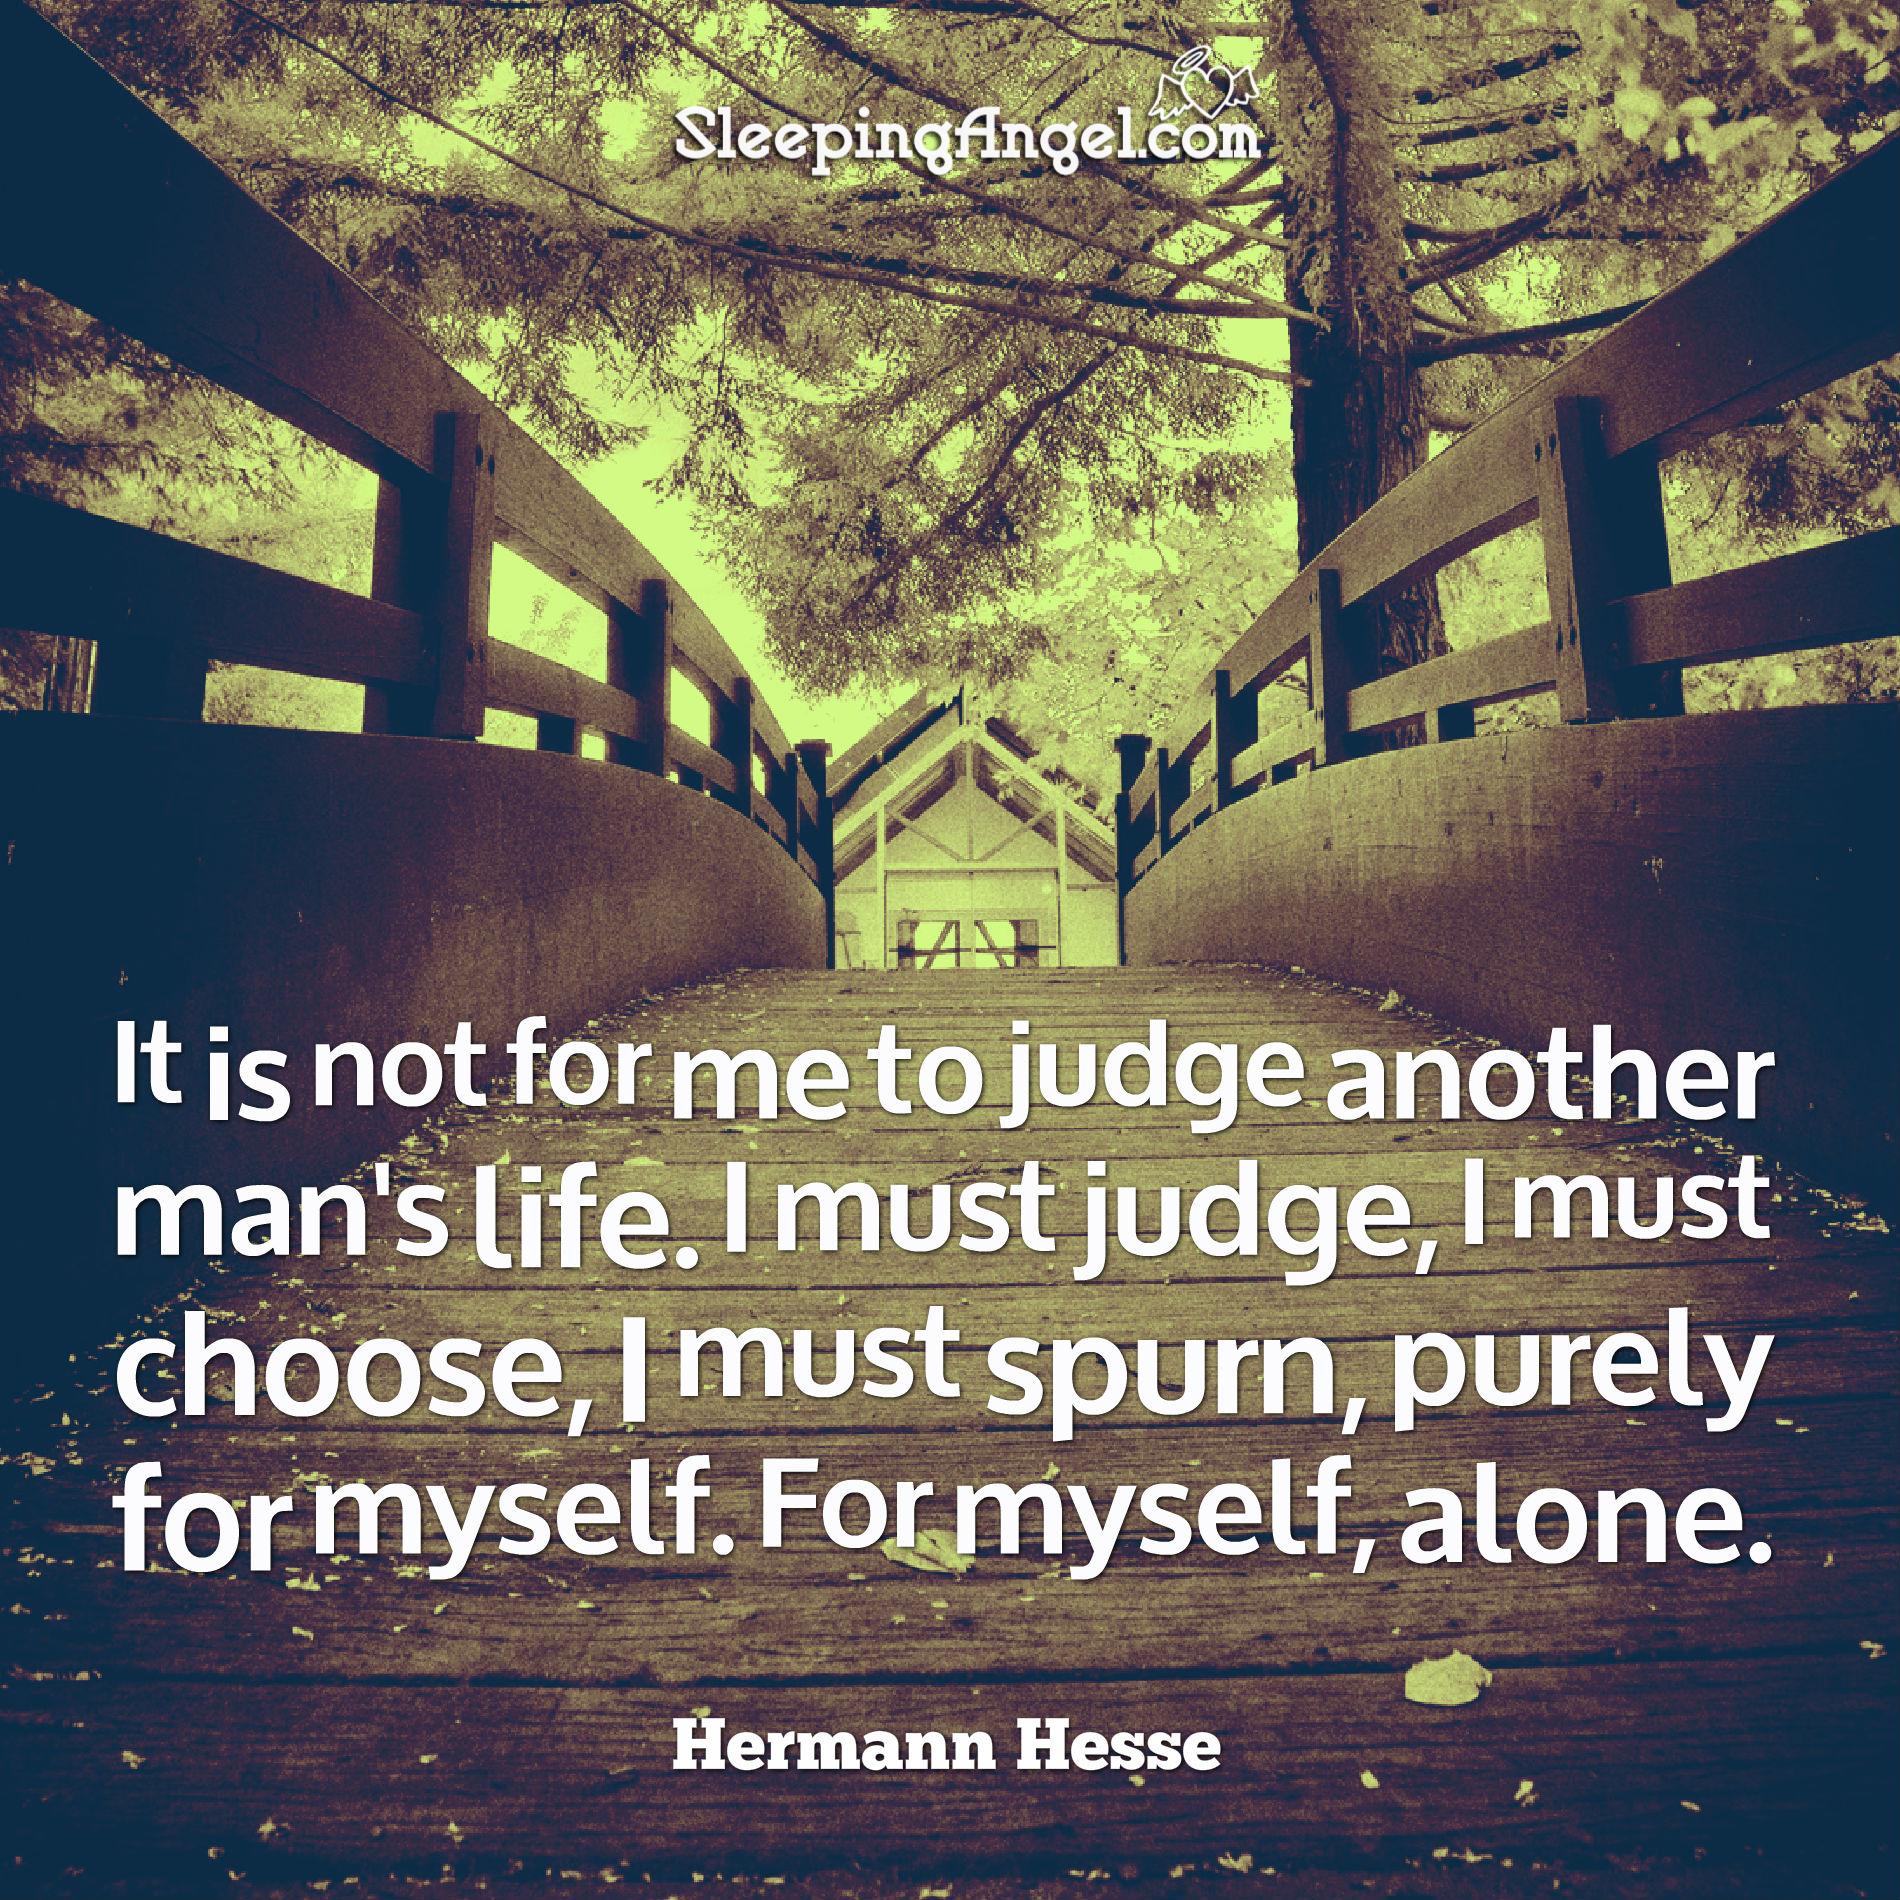 Judging Quote